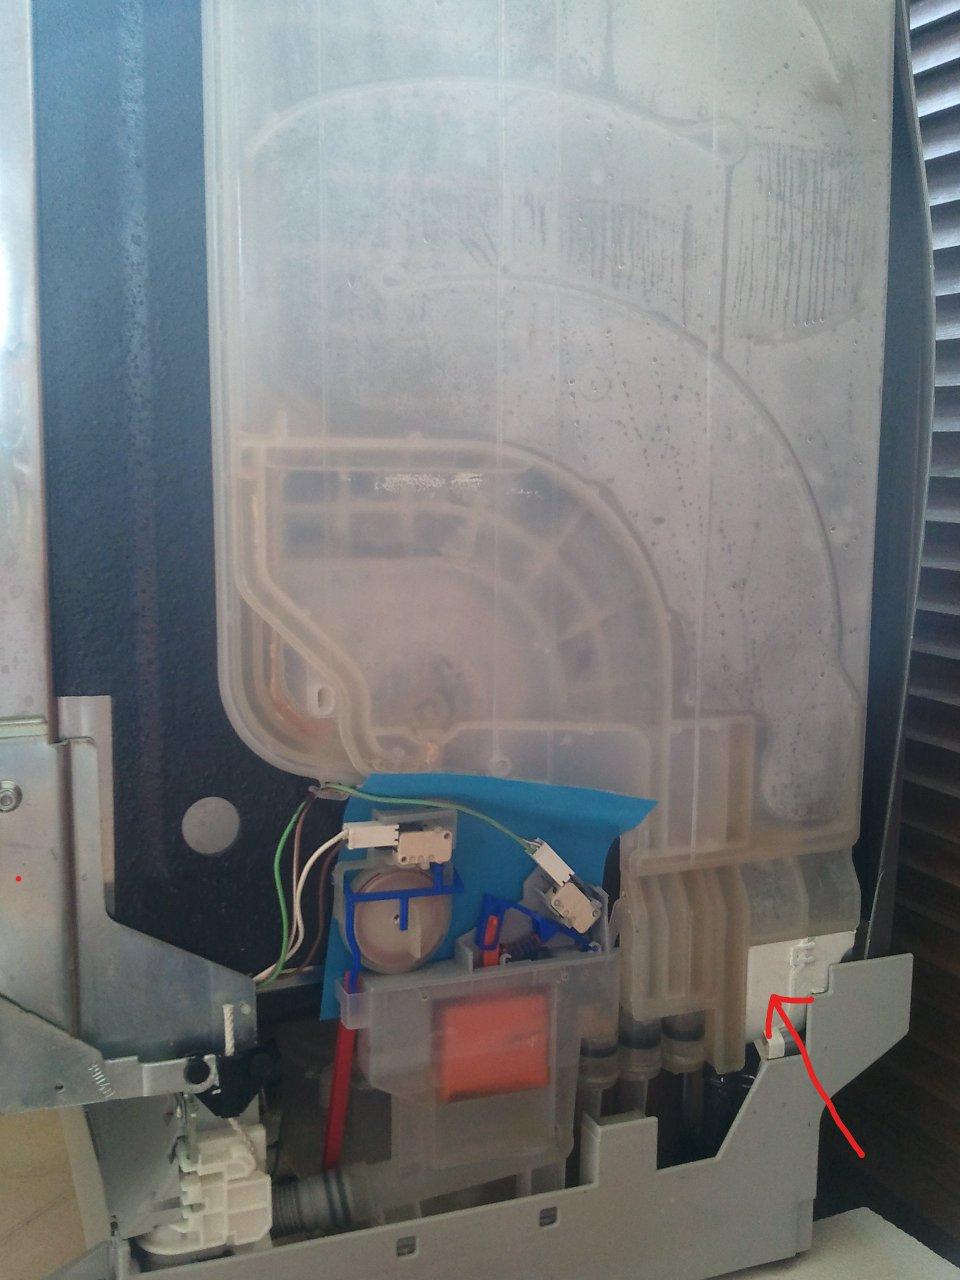 Zmywarka Fagor LF-020SX wentylator przecieka